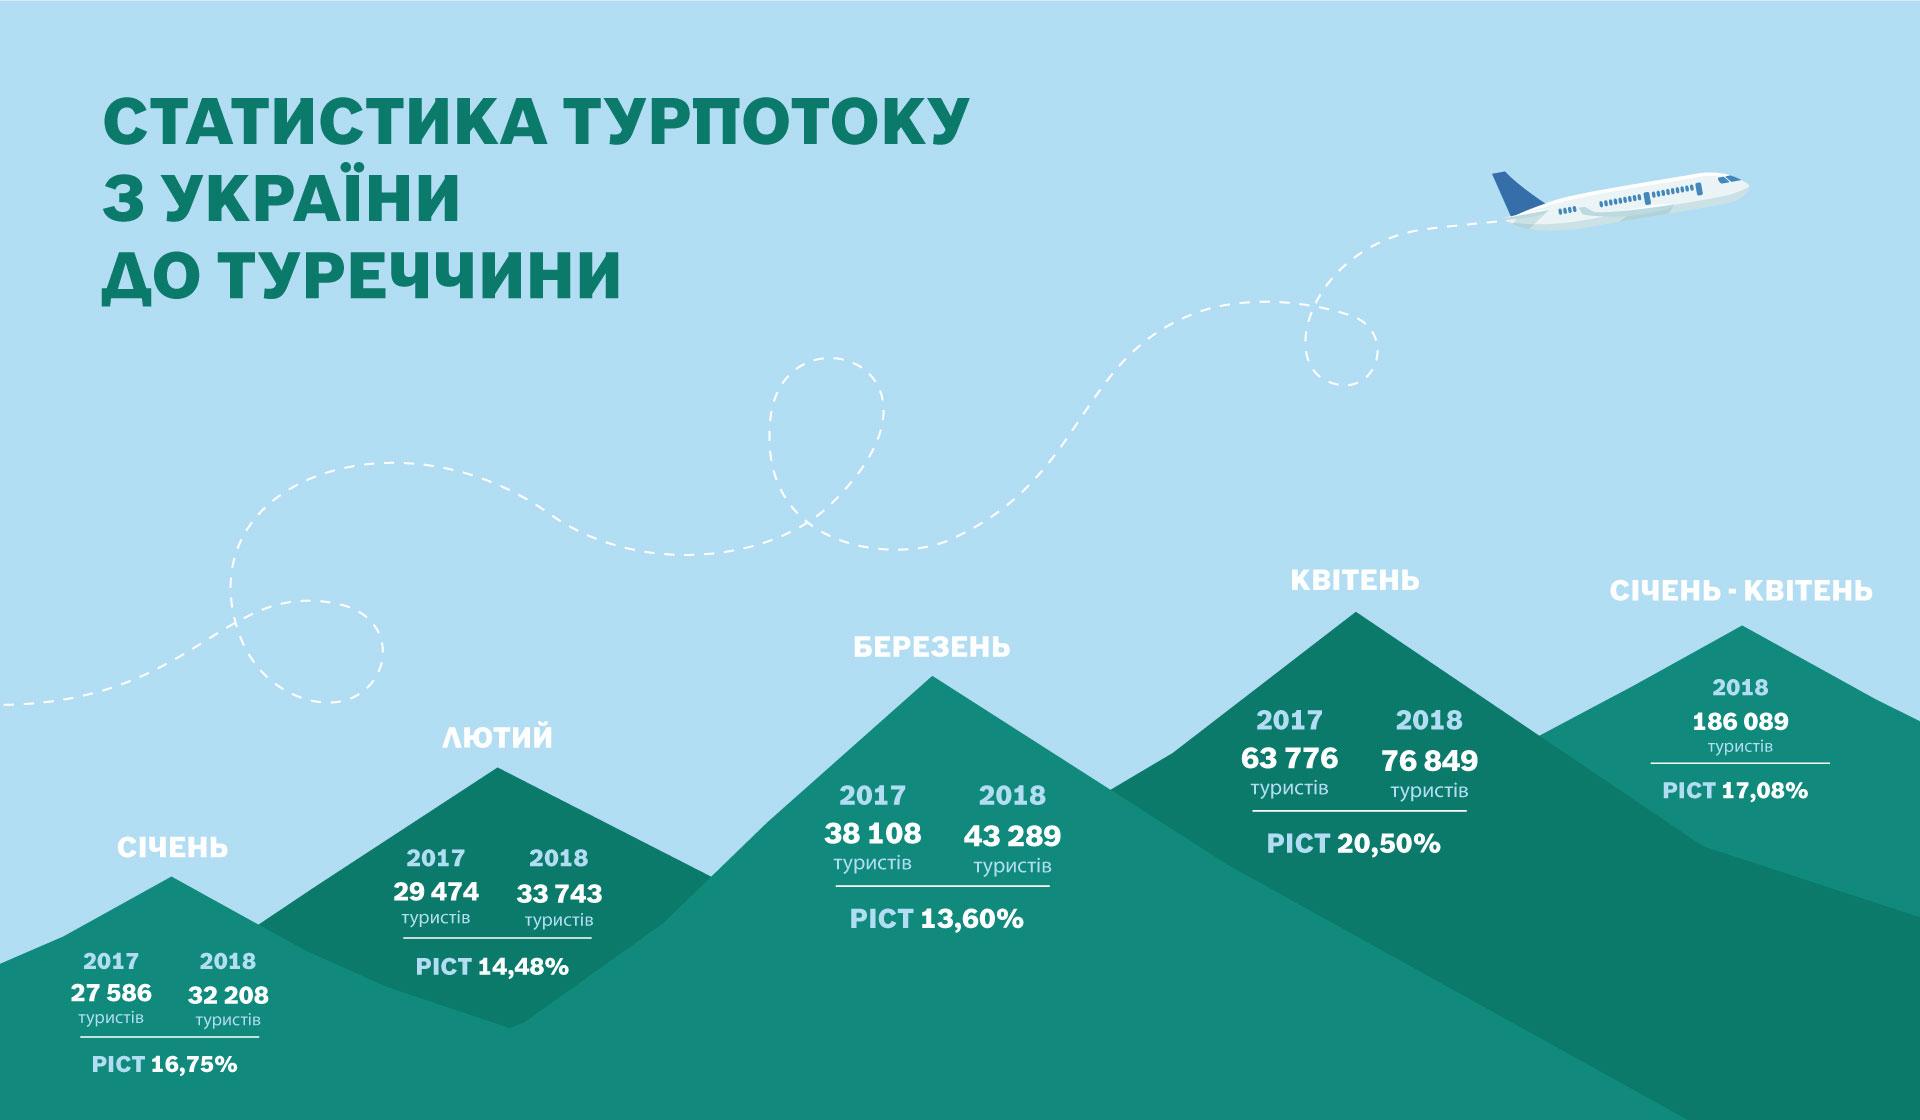 Інфографіка статистика турпотоку